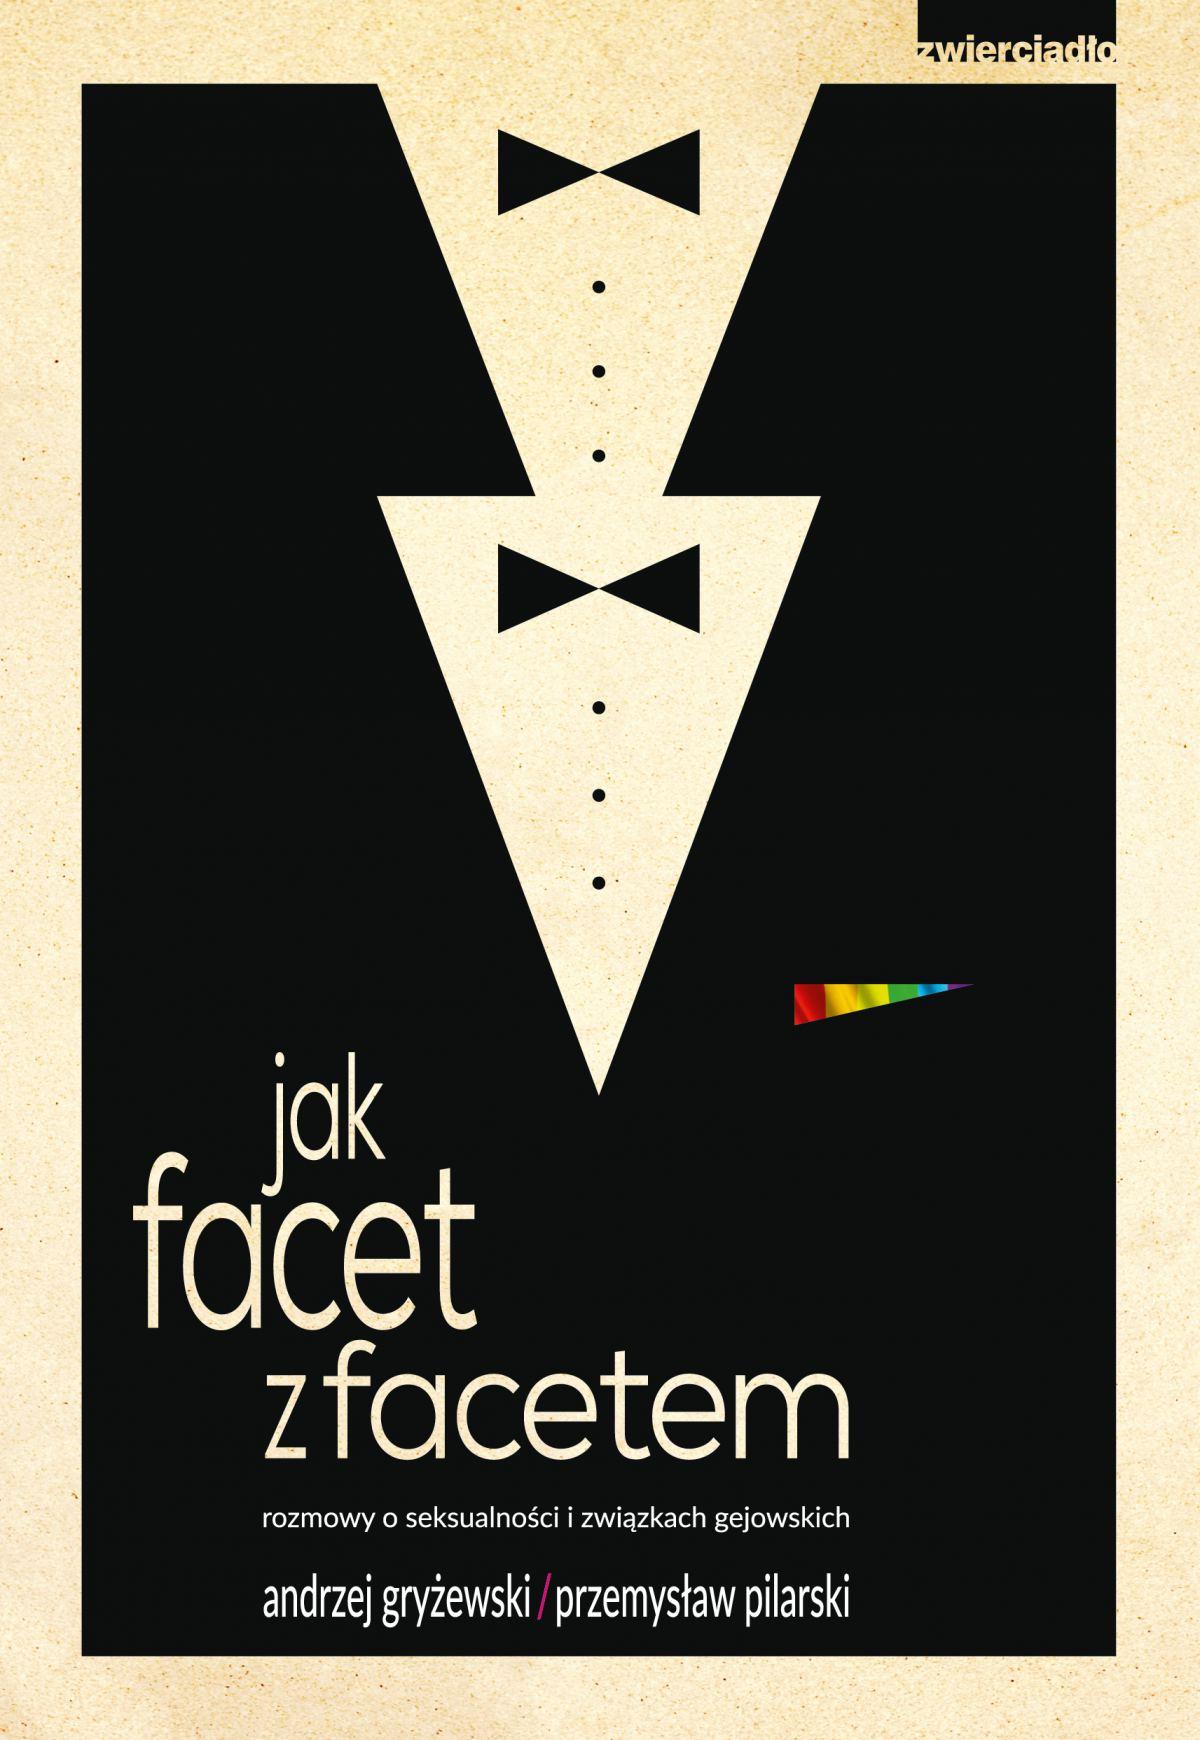 Jak facet z facetem, rozmowy o seksualności i związkach gejowskicch - Ebook (Książka EPUB) do pobrania w formacie EPUB